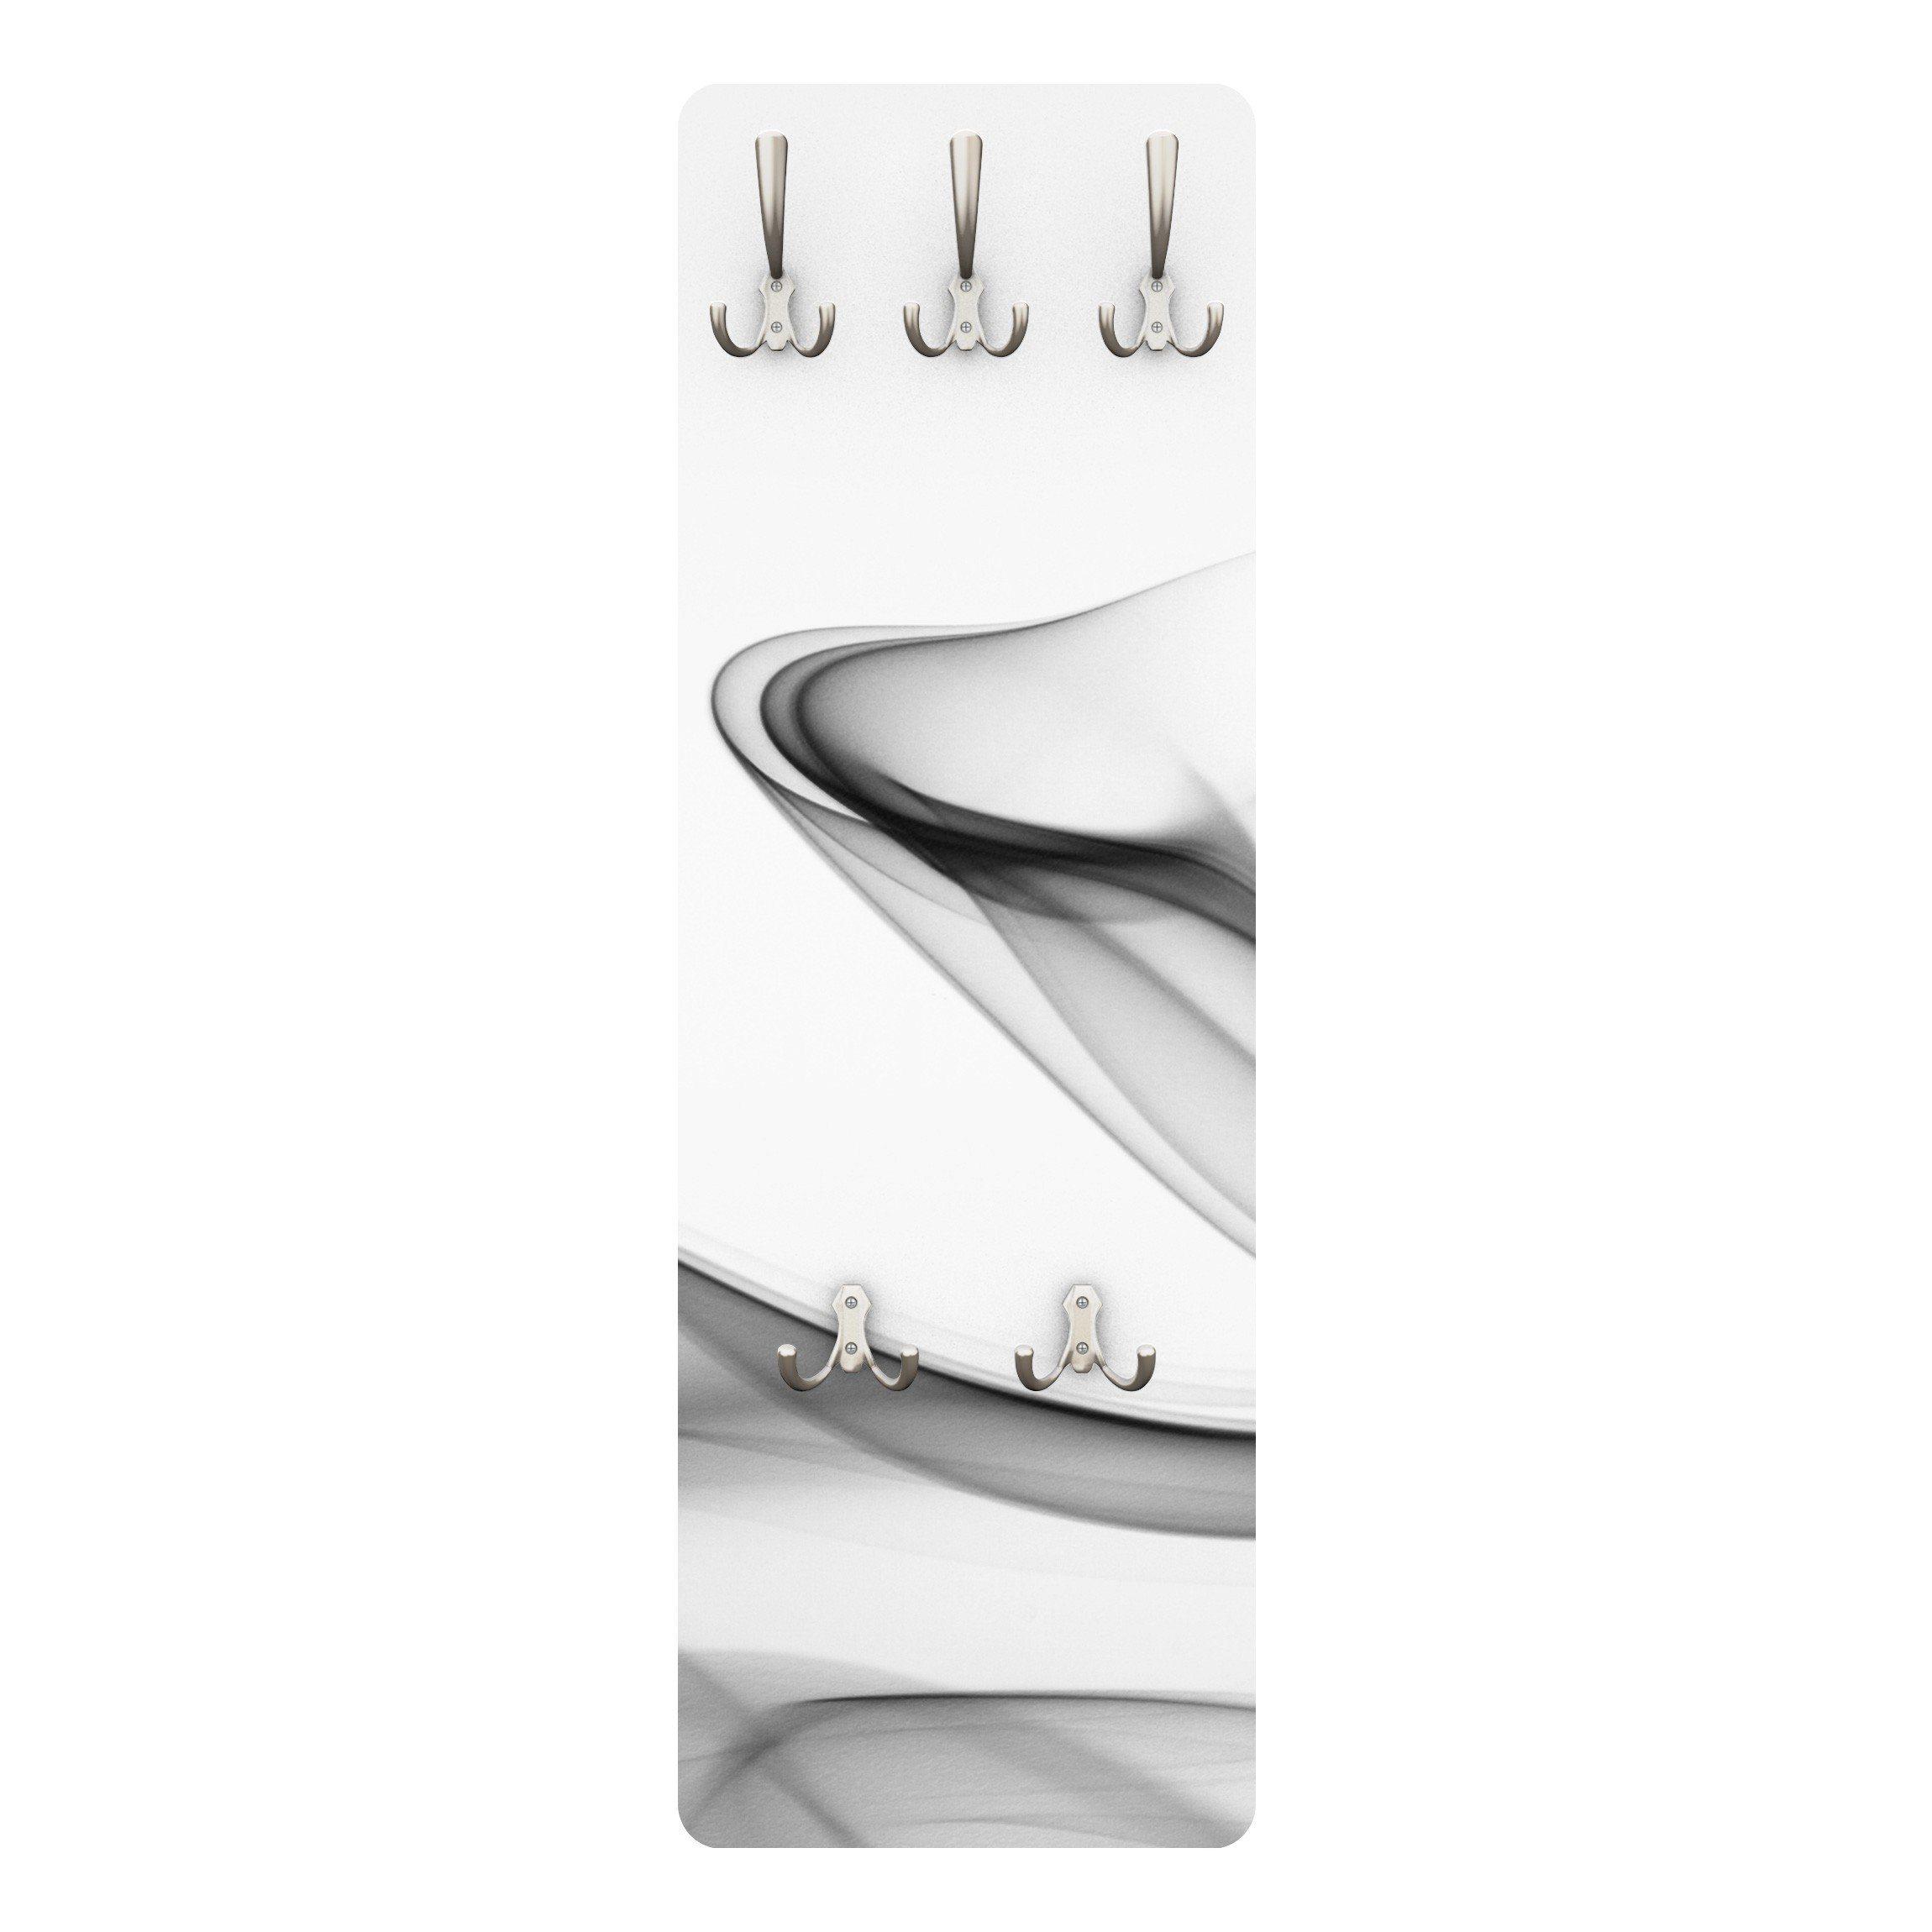 Bilderwelten Wandgarderobe Abstrakt 139x46x2cm »Grey Flame« | Flur & Diele > Garderoben > Garderobenhaken | Weiß - Matt | Holz - Faserplatte - Metall | Bilderwelten